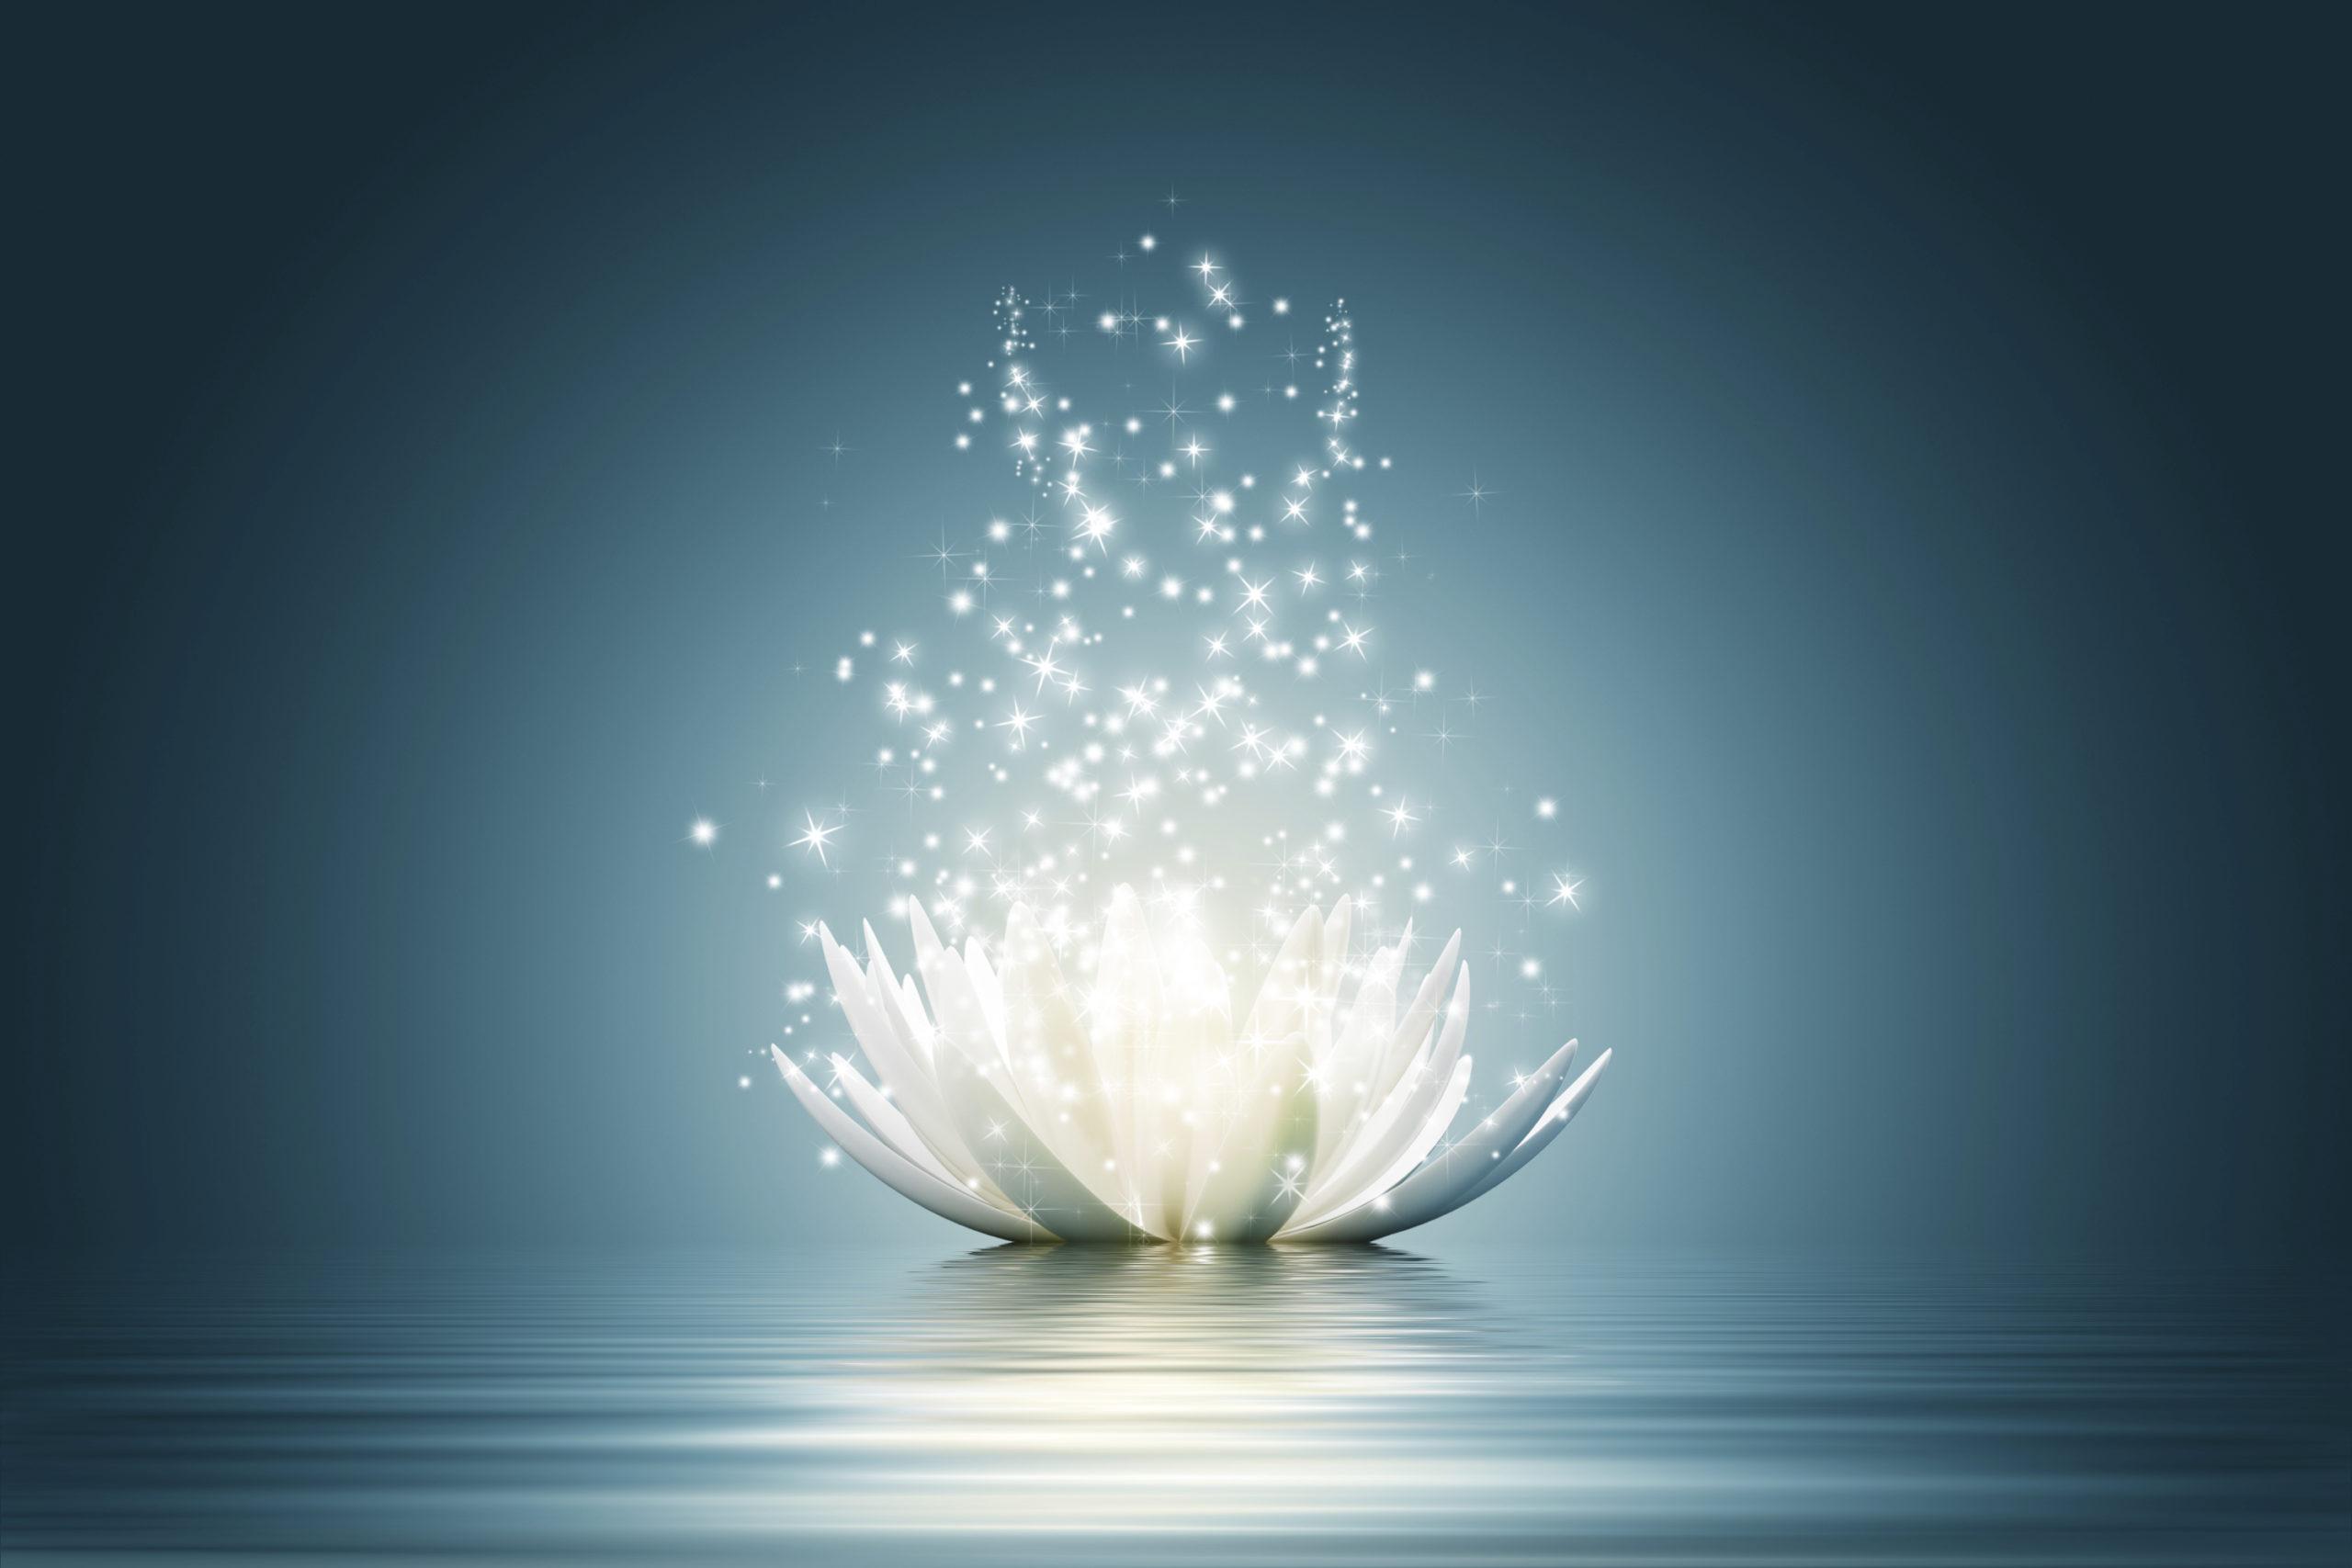 Yamas & Niyamas for Deepening Spiritual Practice